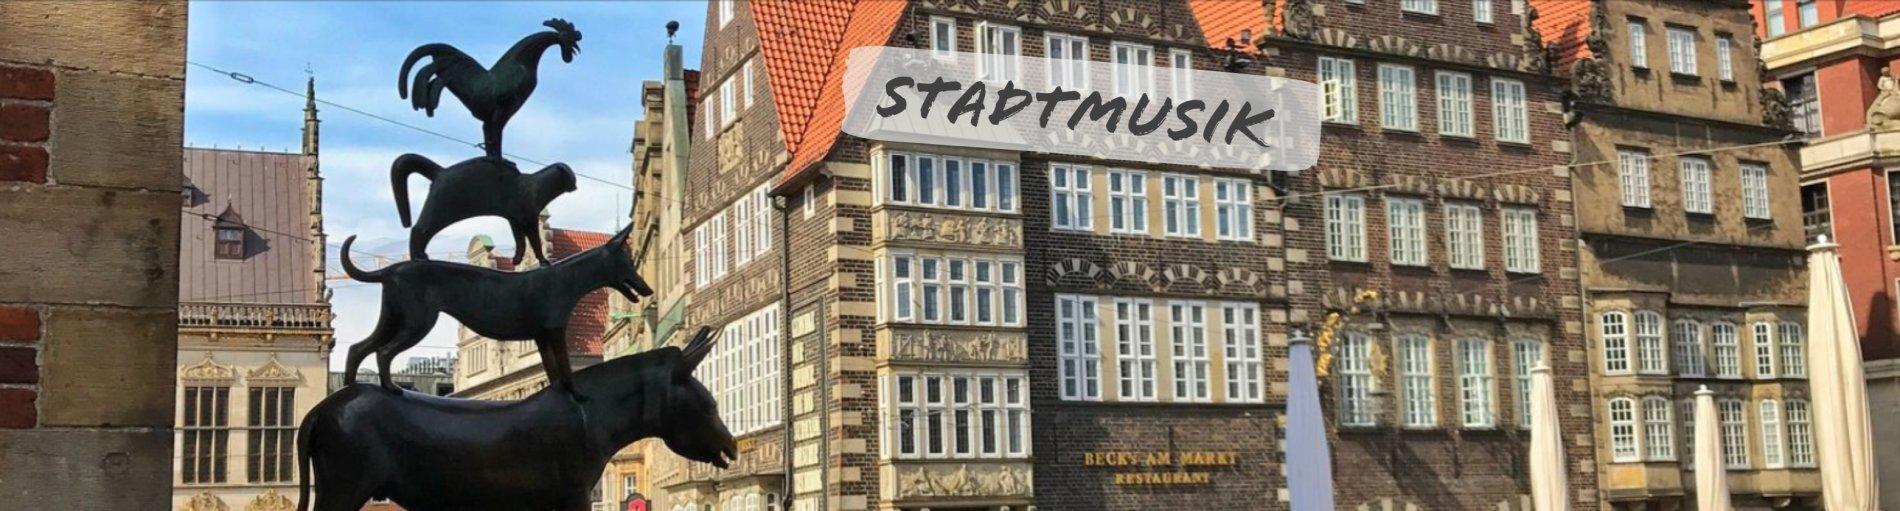 Die Bremer Stadtmusikanten mit dem Schriftzug Stadtmusik